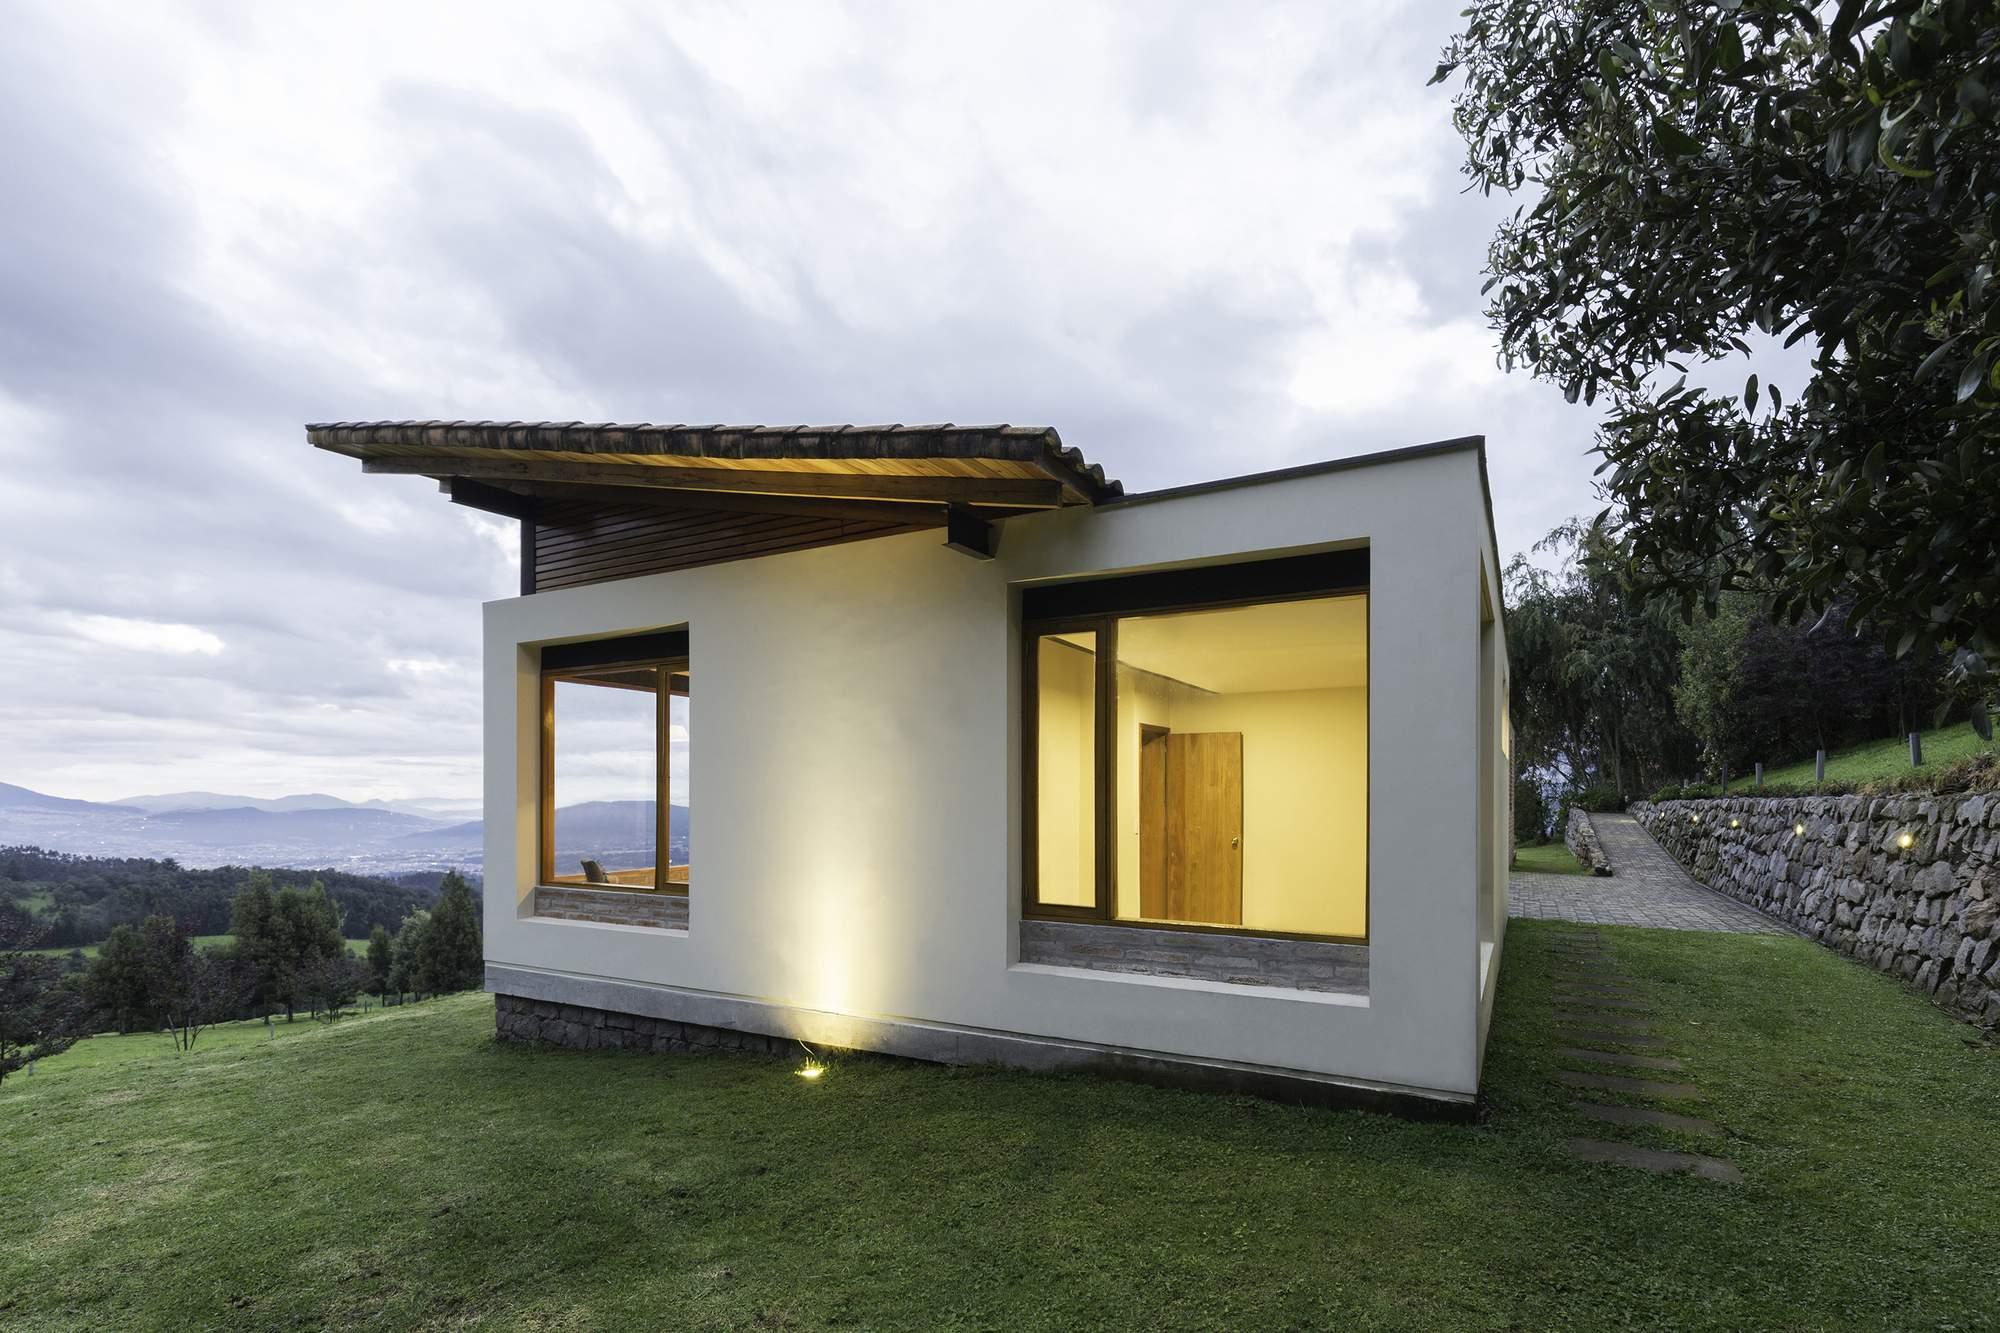 Загородный коттедж на склонах вулкана, Эквадор